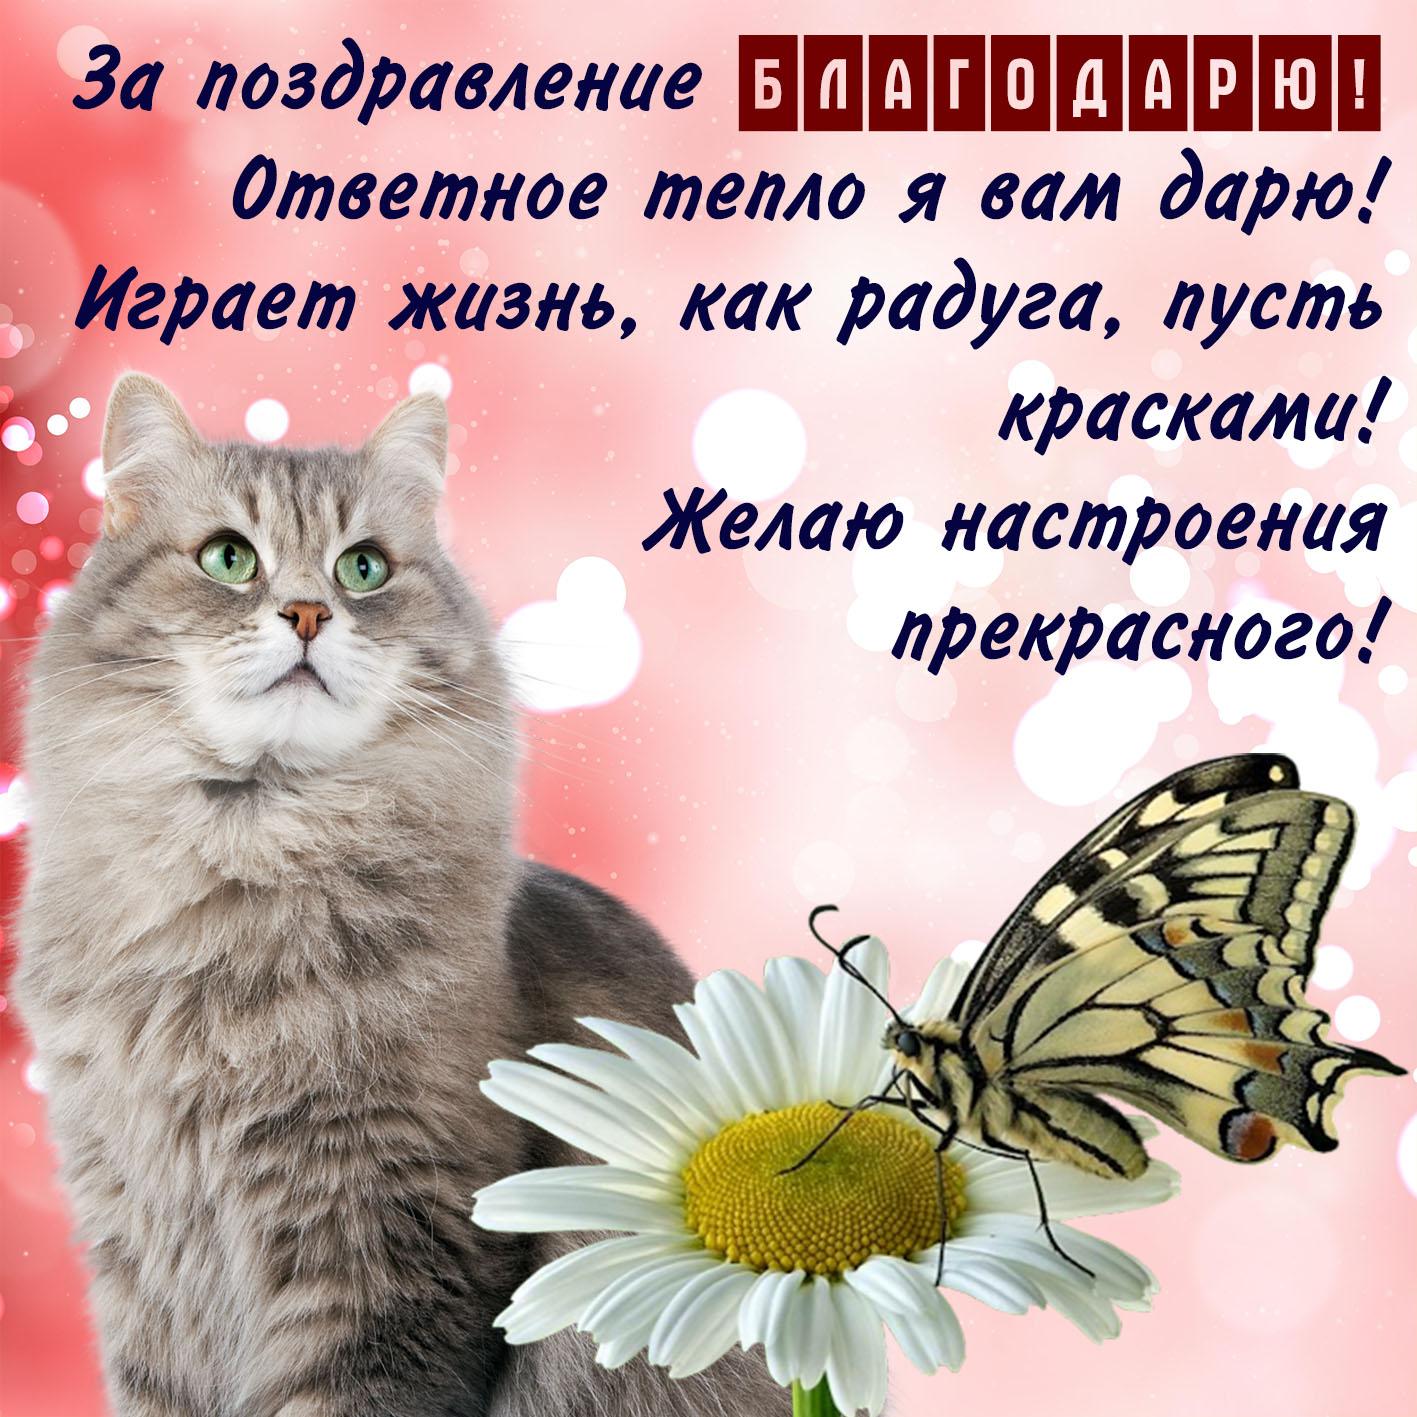 Открытка - красивый котик и благодарность за поздравление